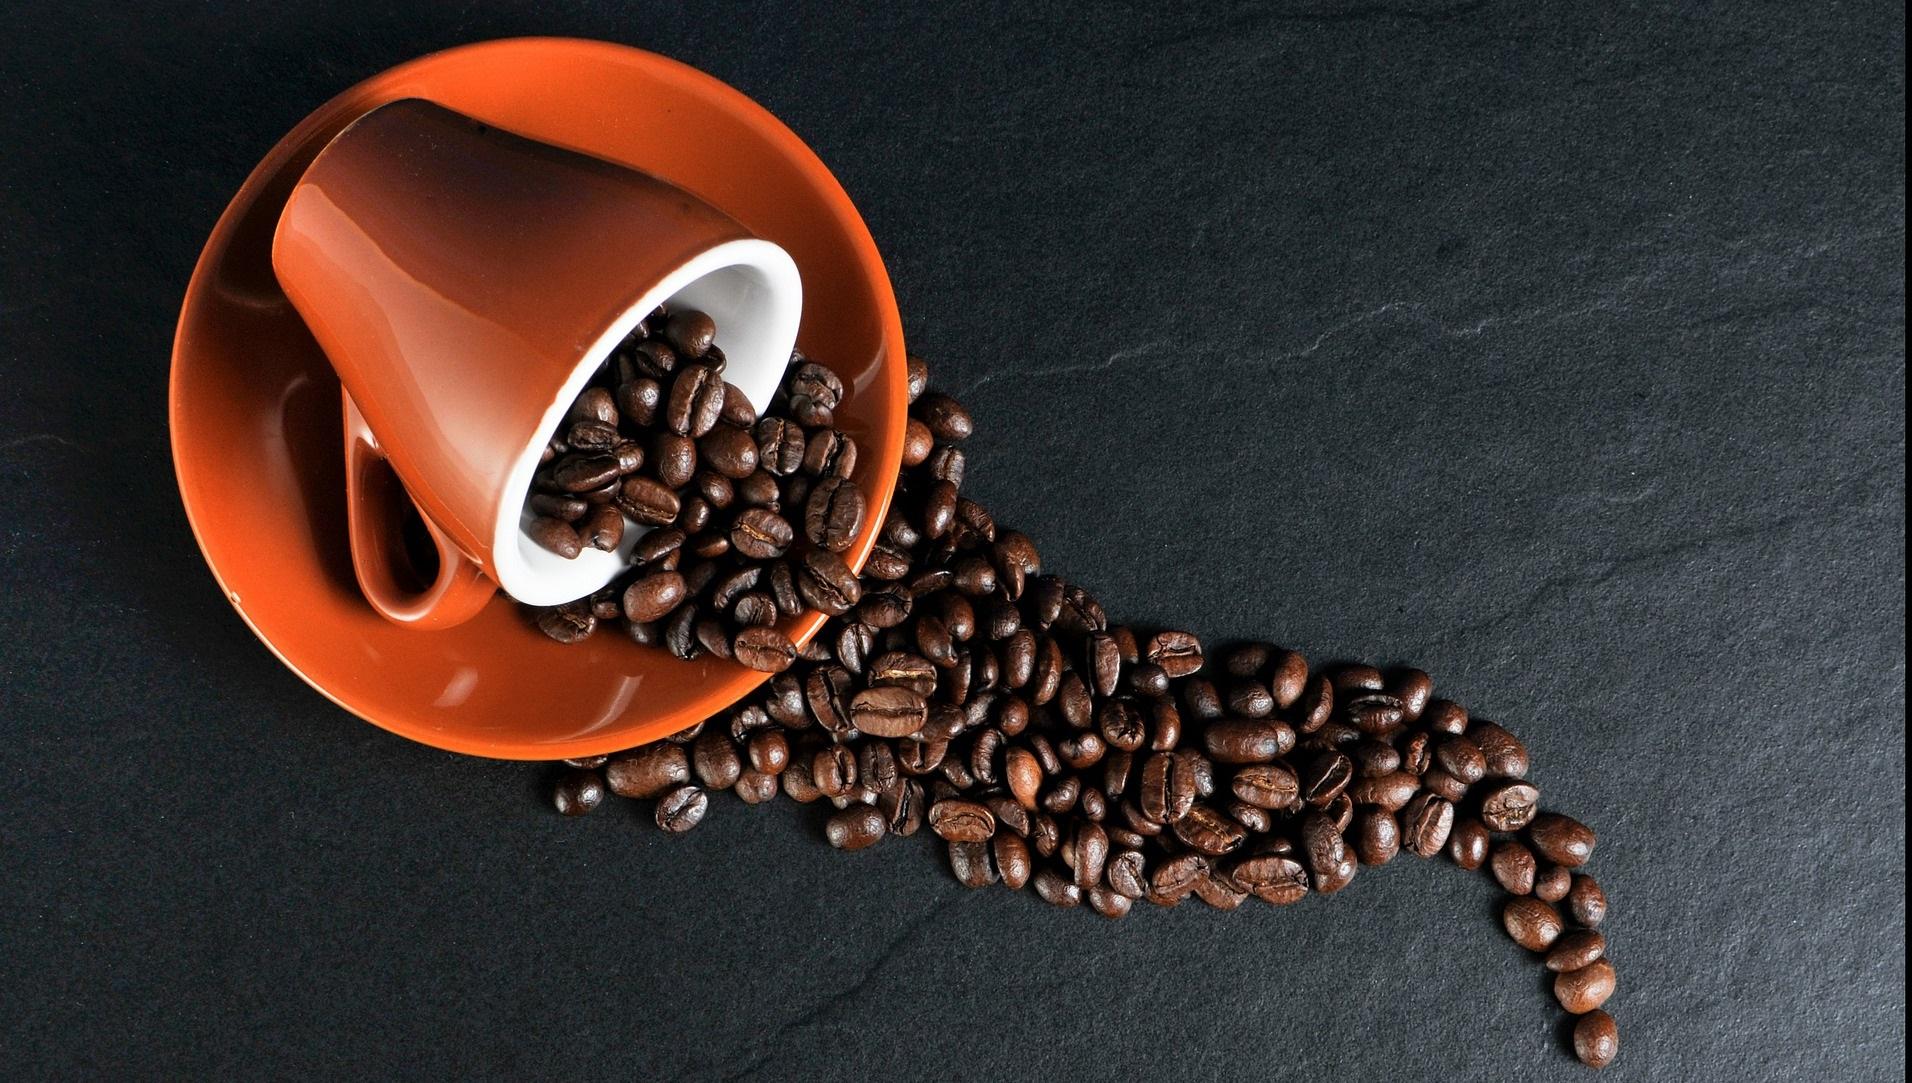 V kavnih zrnih ni koristen le kofein